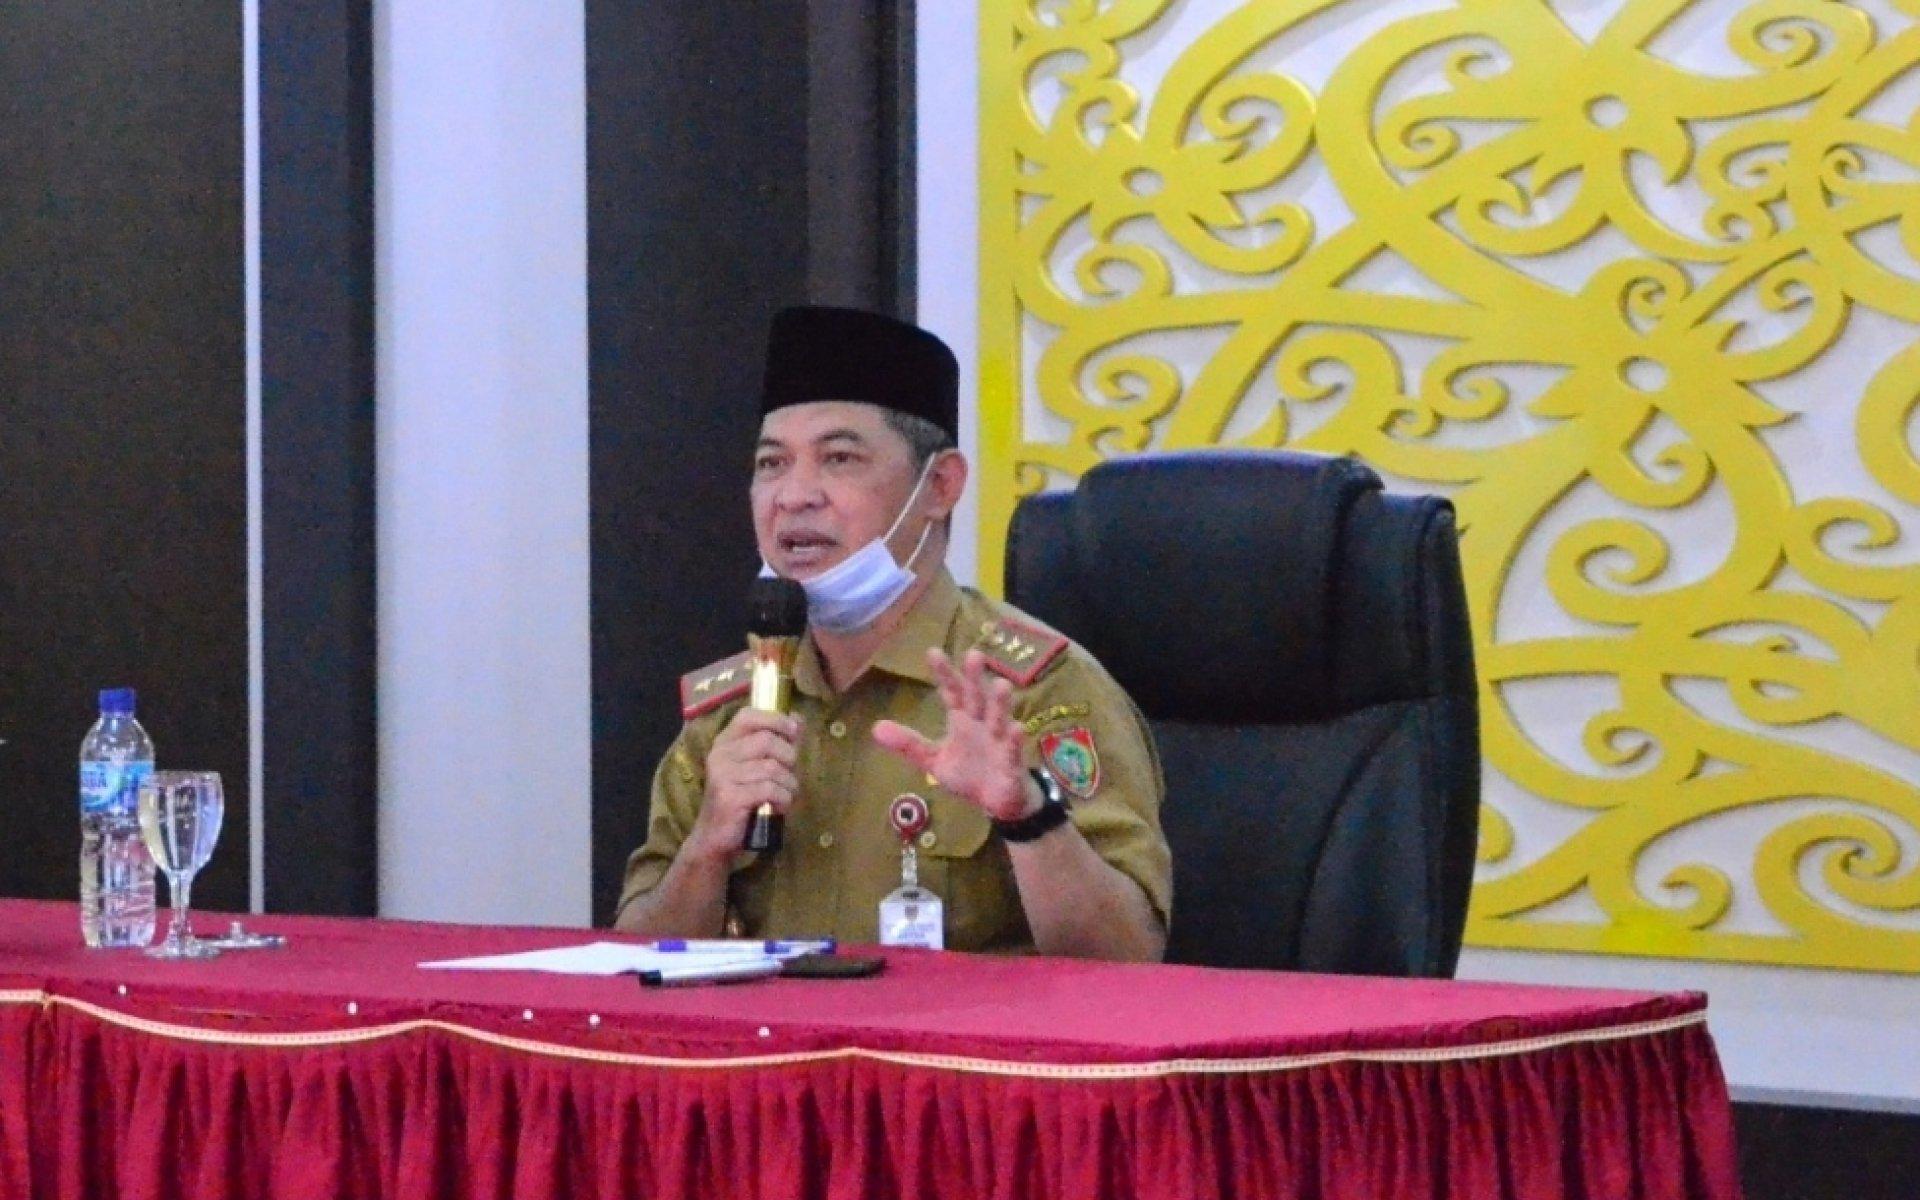 Sekda Fahrizal Fitri Jadi Pemateri Pelatihan Kepemimpinan Administrator